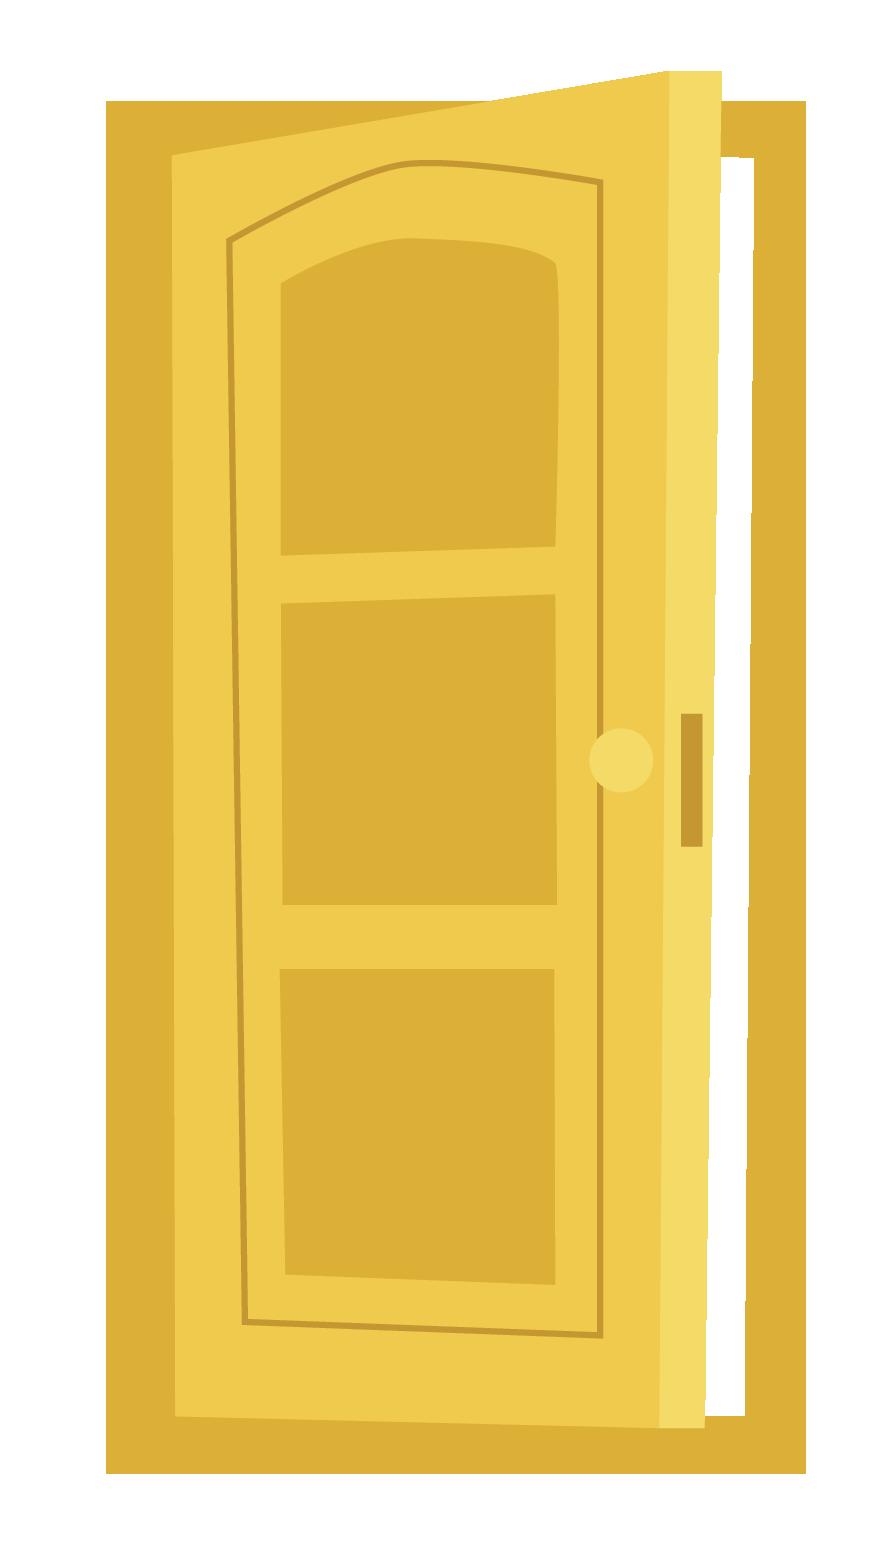 Meilleur Bruitage de Porte logo